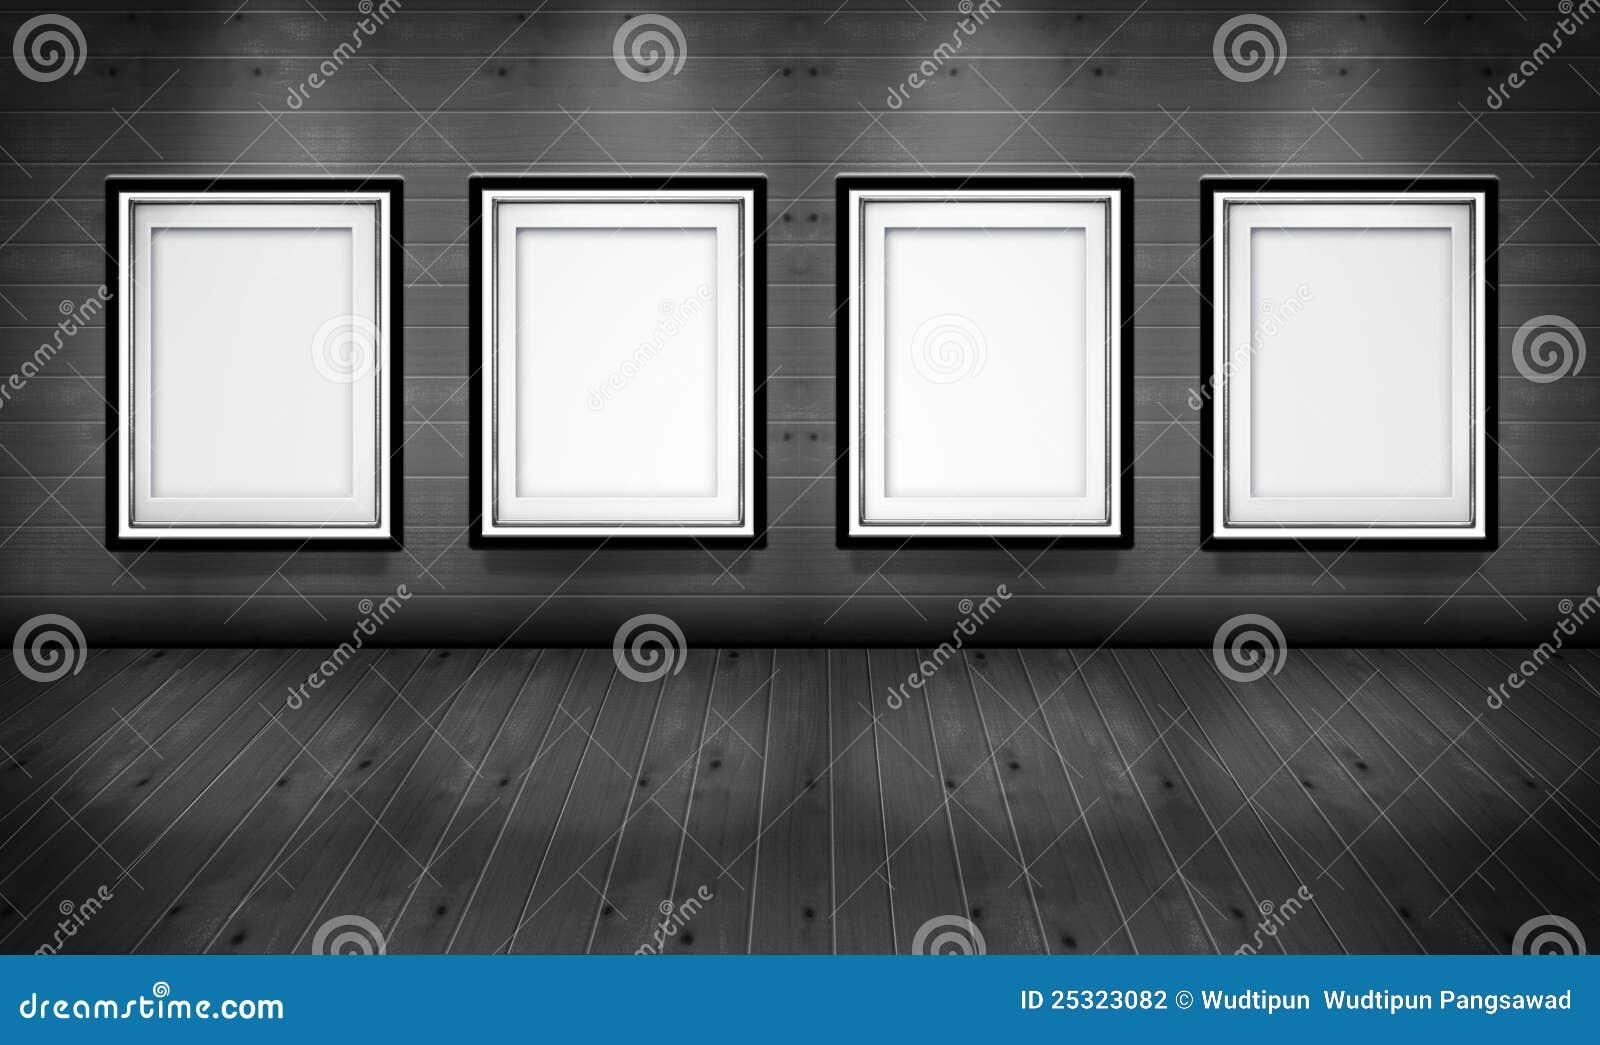 Marcos Vacíos En El Cuarto De La Galería De Arte Stock de ...